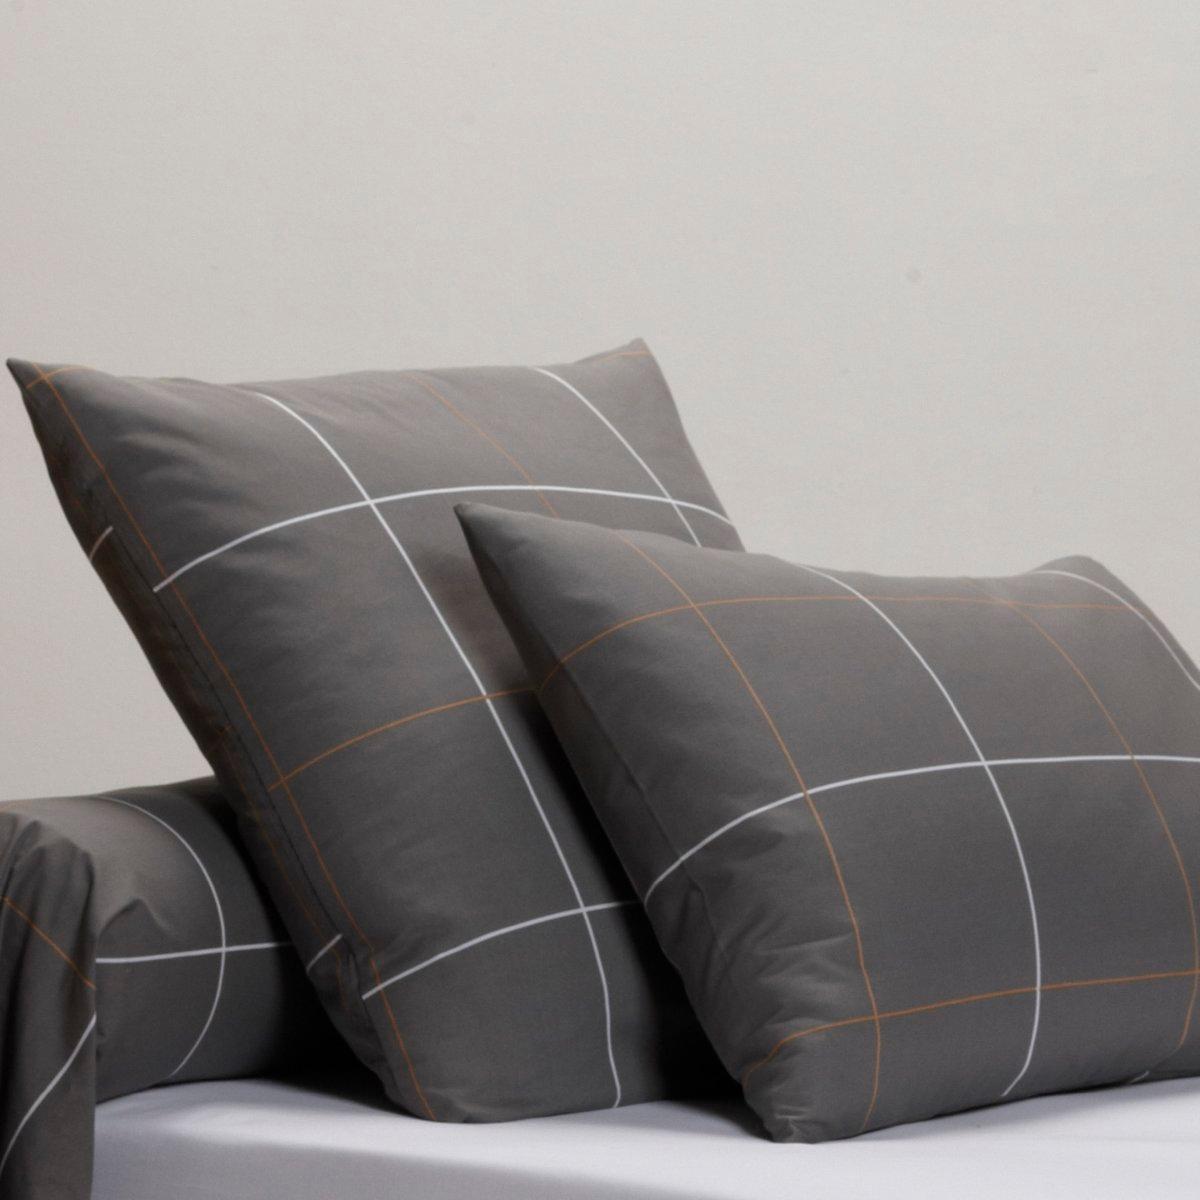 Наволочка и наволочка на подушку-валик KaroНаволочка и наволочка на подушку-валик Karo, 100% хлопок. Ультра мягкая, нежная и шелковистая ткань, которая обеспечит безупречный внешний вид и ощущение комфорта.  Характеристики навлочки или наволочки на подушку-валик Karo:Перкаль, 100% хлопок очень плотного переплетения (65 нитей/см?): чем больше нитей/см?, тем выше качество материала.Переплетение очень тонких нитей из длинных волокон прочесанного хлопка.Машинная стирка при 60°С.Легкая глажка.Откройте для себя всю коллекцию постельного белья из перкали на сайте laredoute.ru.Знак качества Oeko-Tex® гарантирует, что продукция прошла проверку и не содержит в своем составе вредных веществ, представляющих опасность для здоровья человека.Размеры:50 x 70 см: прямоугольная наволочка.63 x 63 см: квадратная наволочка.85 x 185 см: наволочка на подушку-валик.<br><br>Цвет: антрацит/темно-бежевый